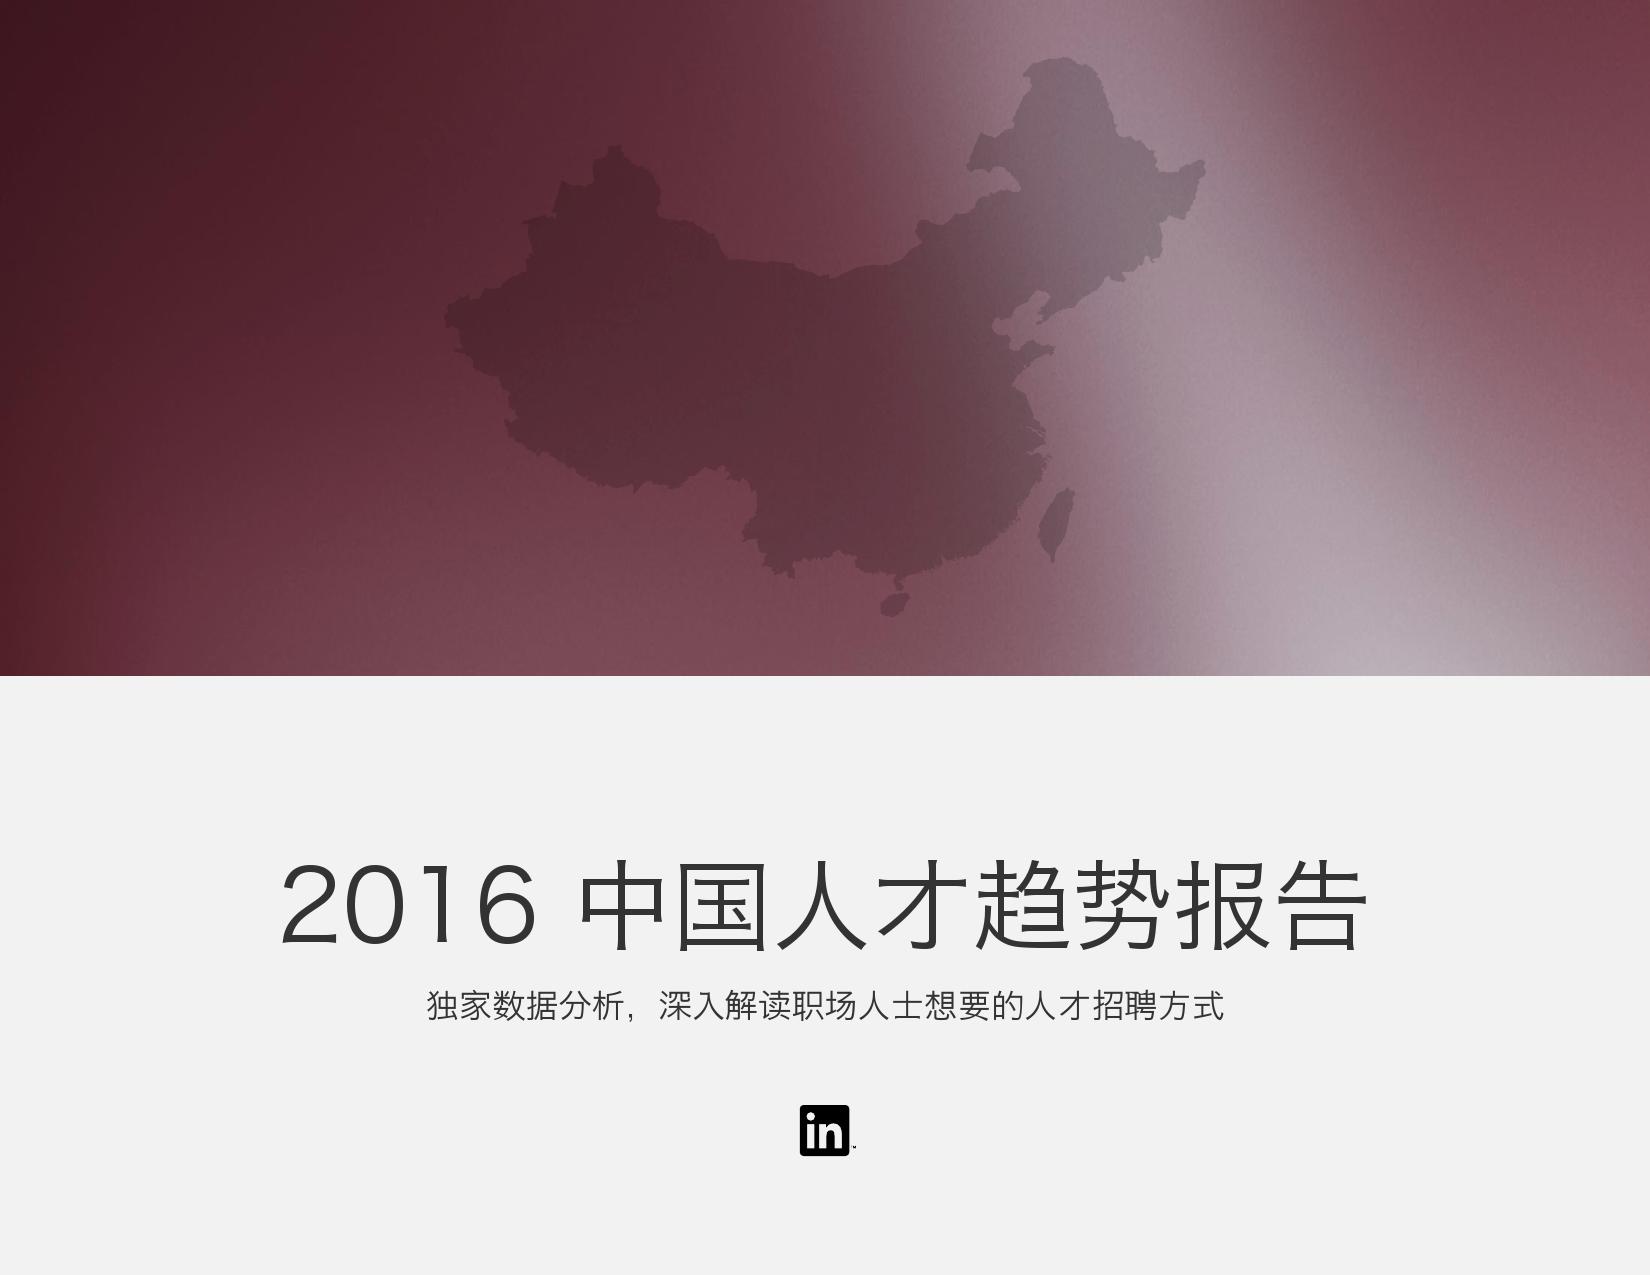 2016年中国人才趋势报告_000001